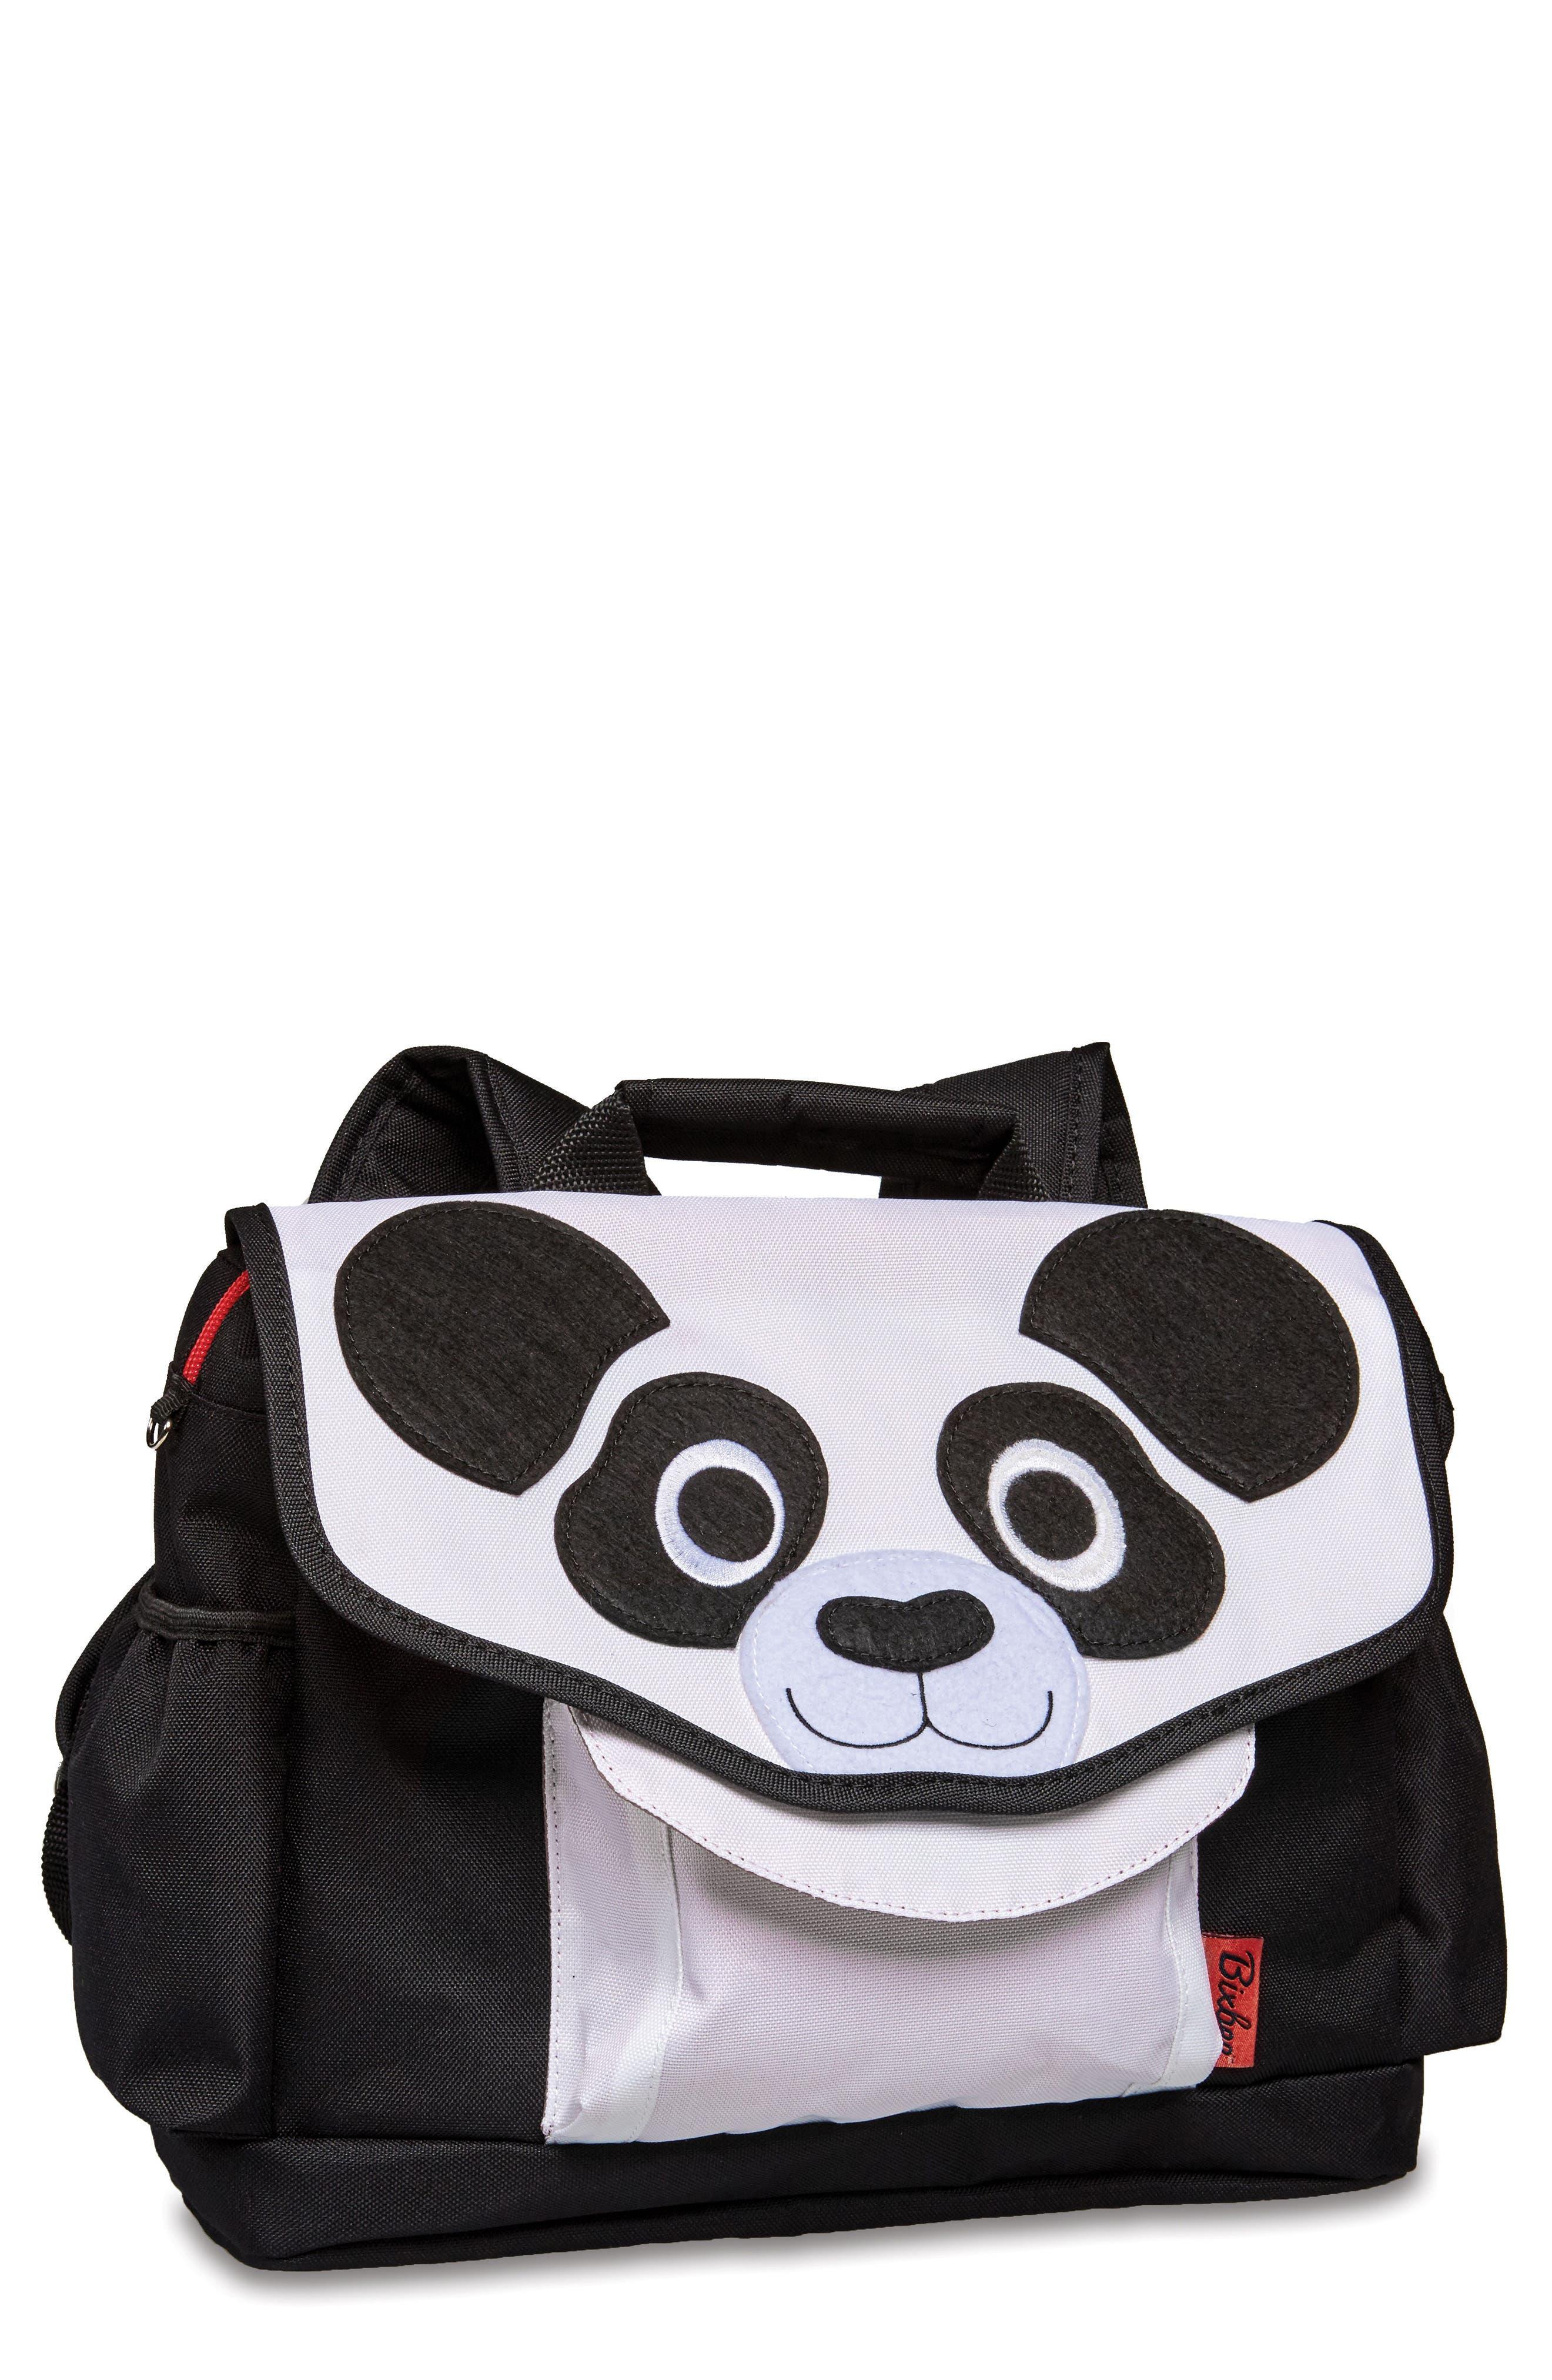 Bixbee Animal Pack - Panda Water Resistant Backpack (Kids)